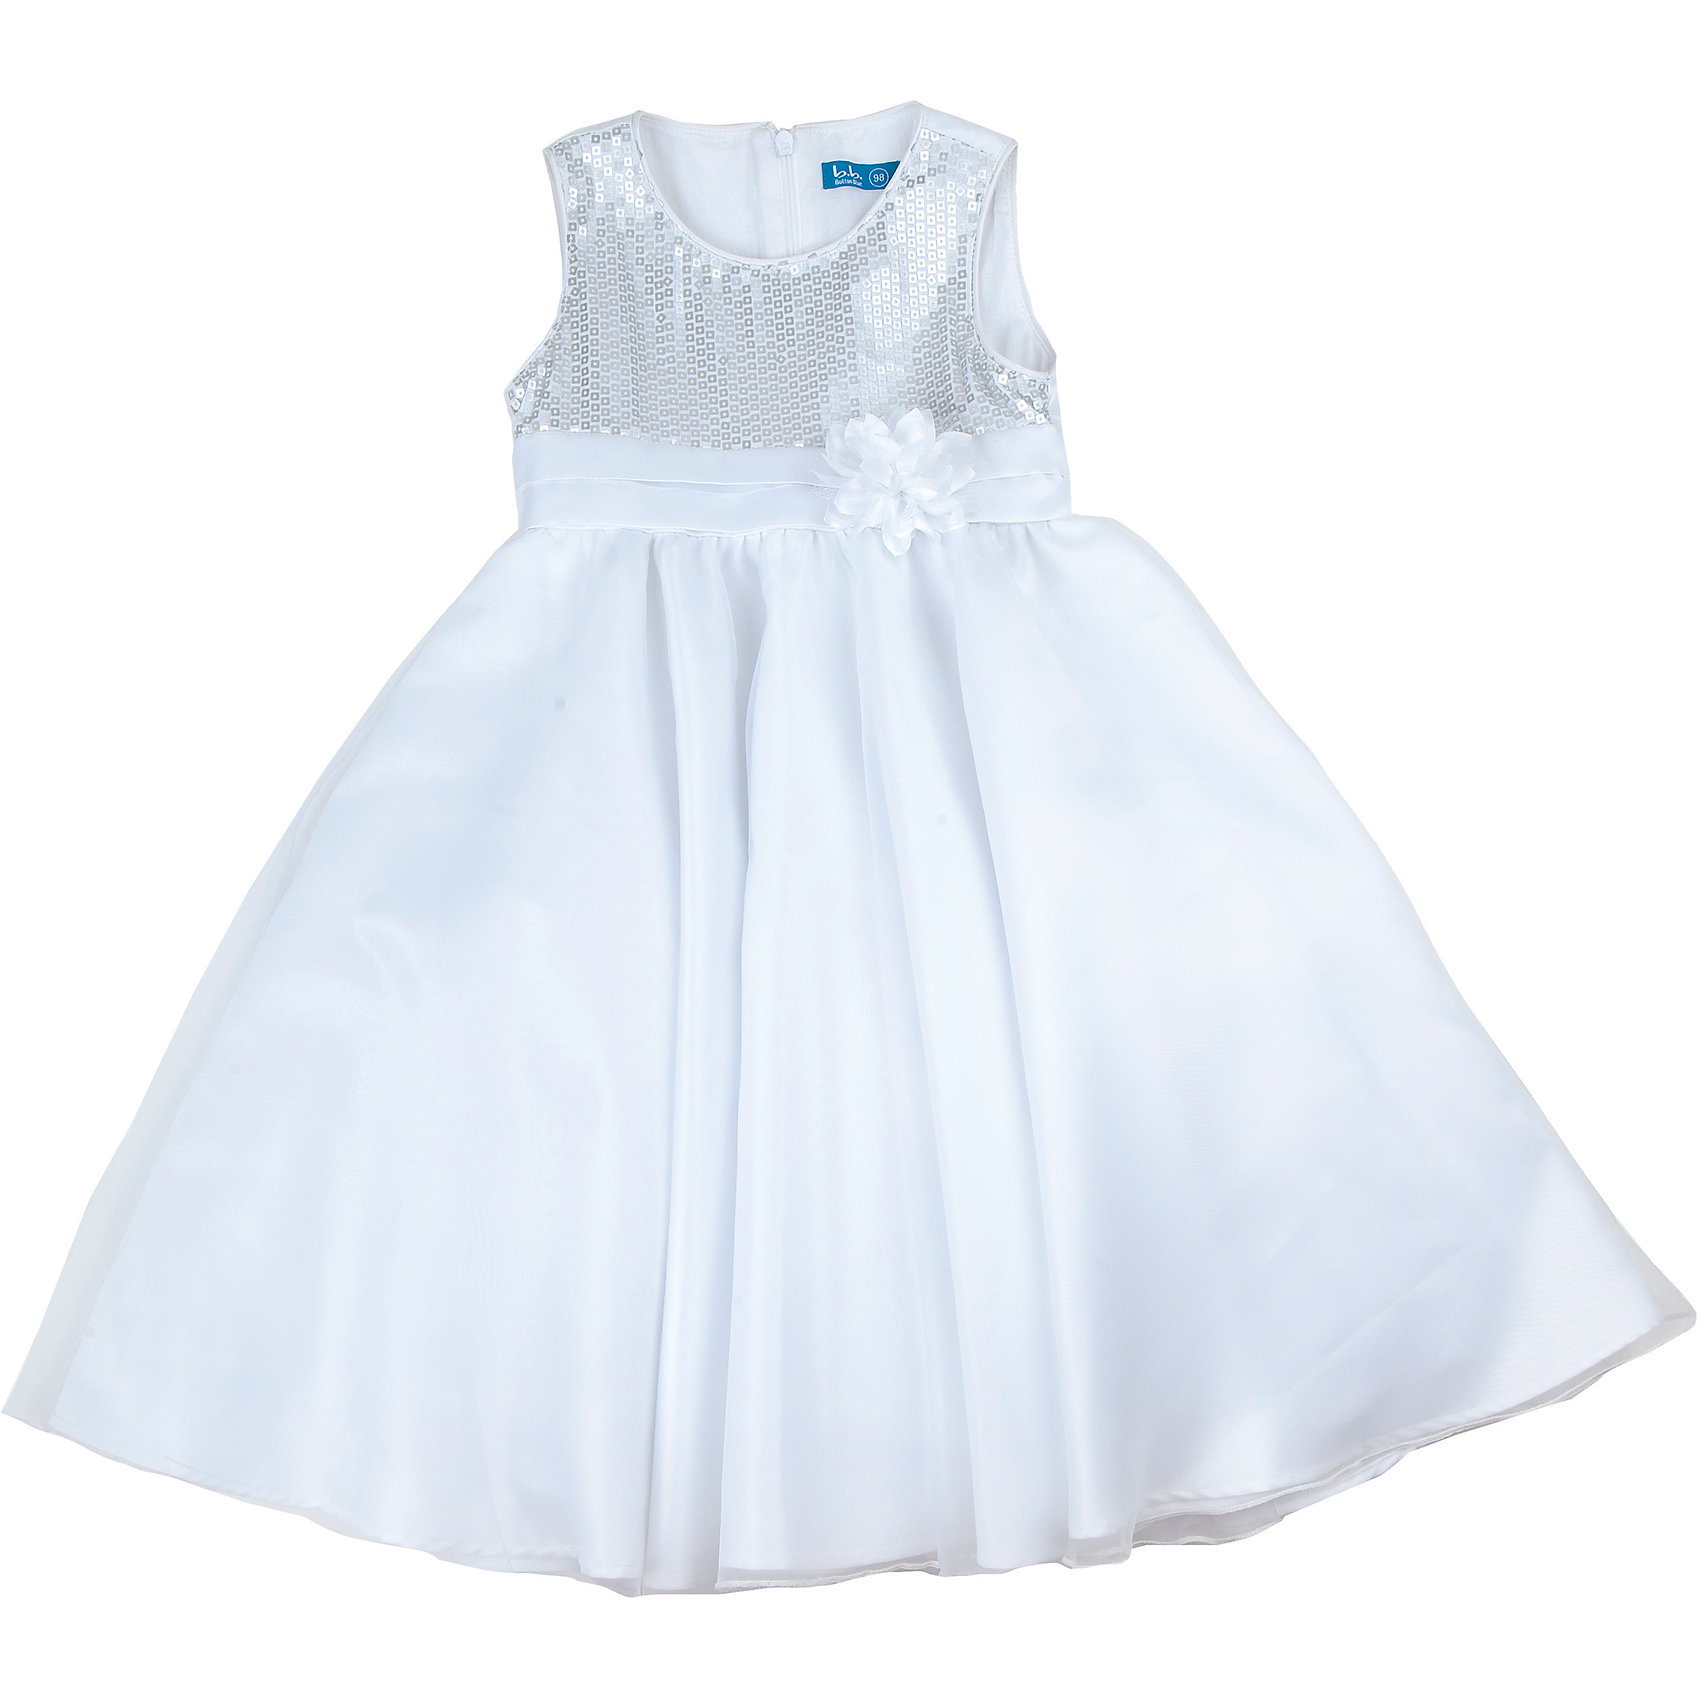 Платье для девочки Button BlueНарядное платье для девочки известной марки Button Blue.<br>Состав:<br>Верх: 62%полиэстер, 35%хлопок, 3%эластан <br>Подкладка.: 100%хлопок<br><br>Ширина мм: 236<br>Глубина мм: 16<br>Высота мм: 184<br>Вес г: 177<br>Цвет: белый<br>Возраст от месяцев: 36<br>Возраст до месяцев: 48<br>Пол: Женский<br>Возраст: Детский<br>Размер: 104,98,116,110<br>SKU: 4753260